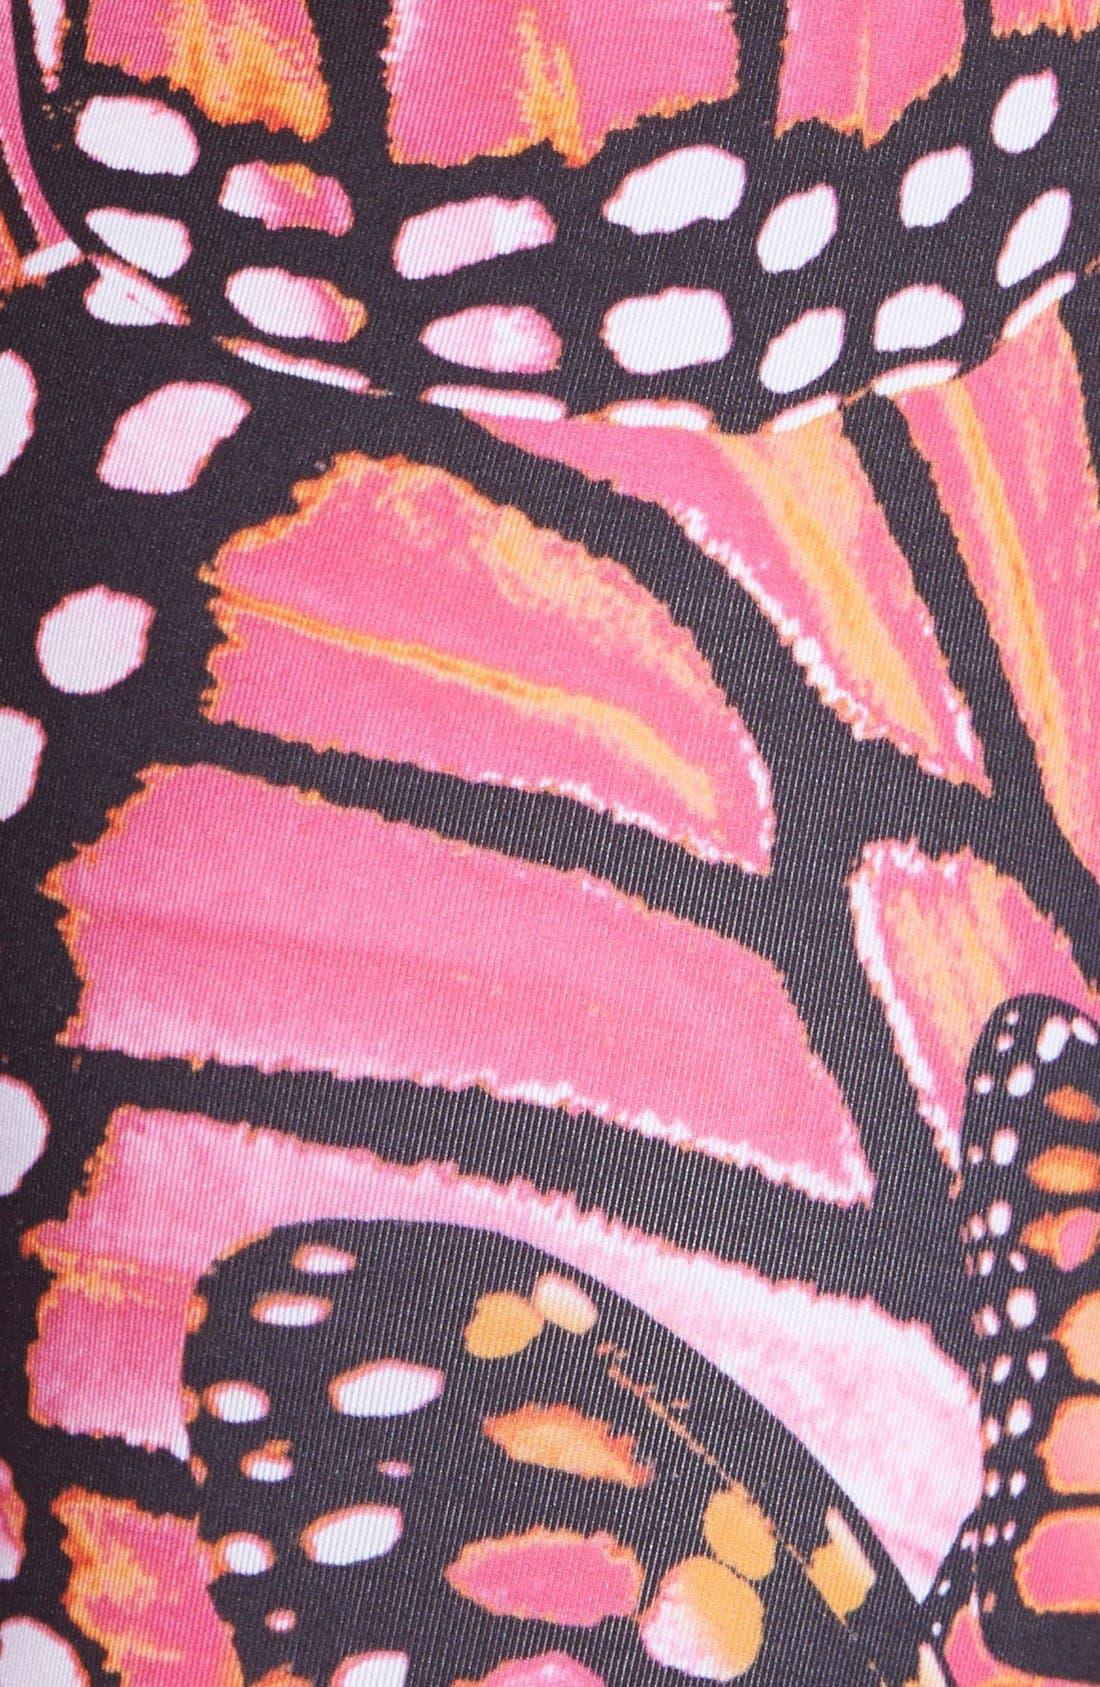 Butterfly Print Leggings,                             Alternate thumbnail 5, color,                             997